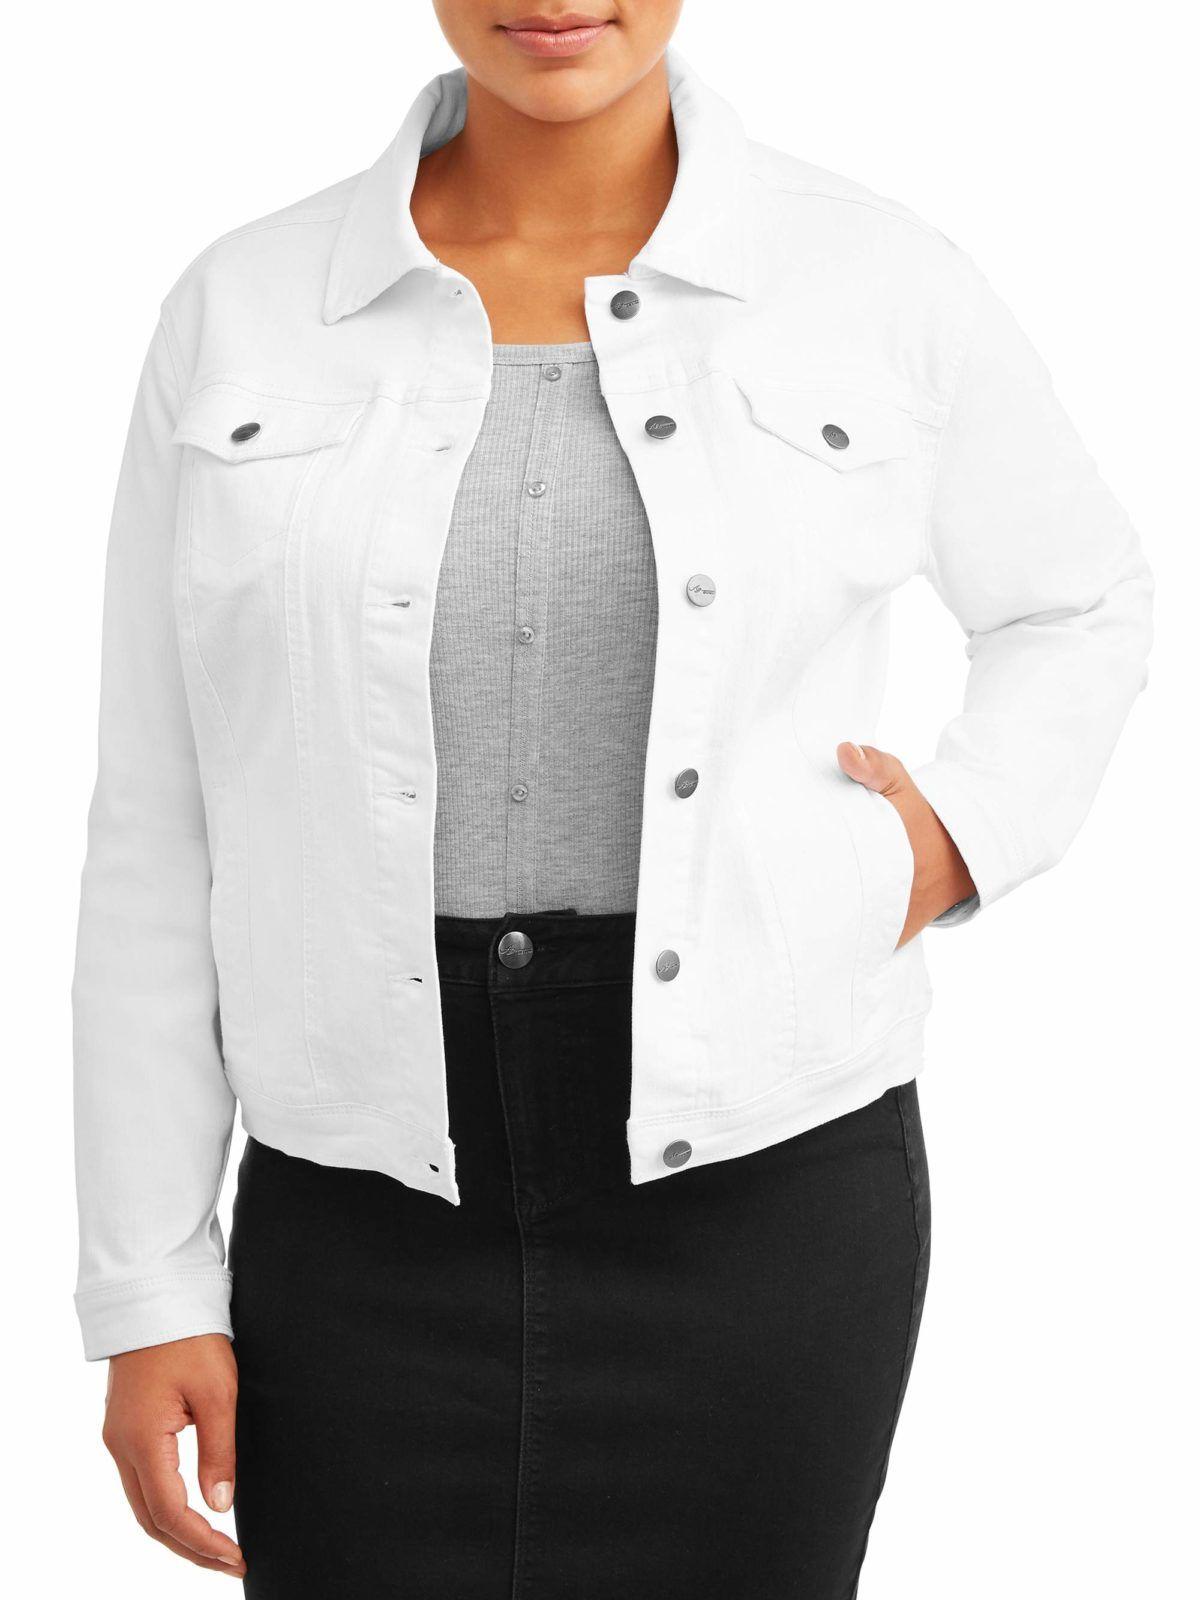 Oh Hey Curvy Girl Get Your Outerwear On Point With These Picks Under 100 Denim Women Denim Jacket White Denim Jacket [ 1600 x 1200 Pixel ]